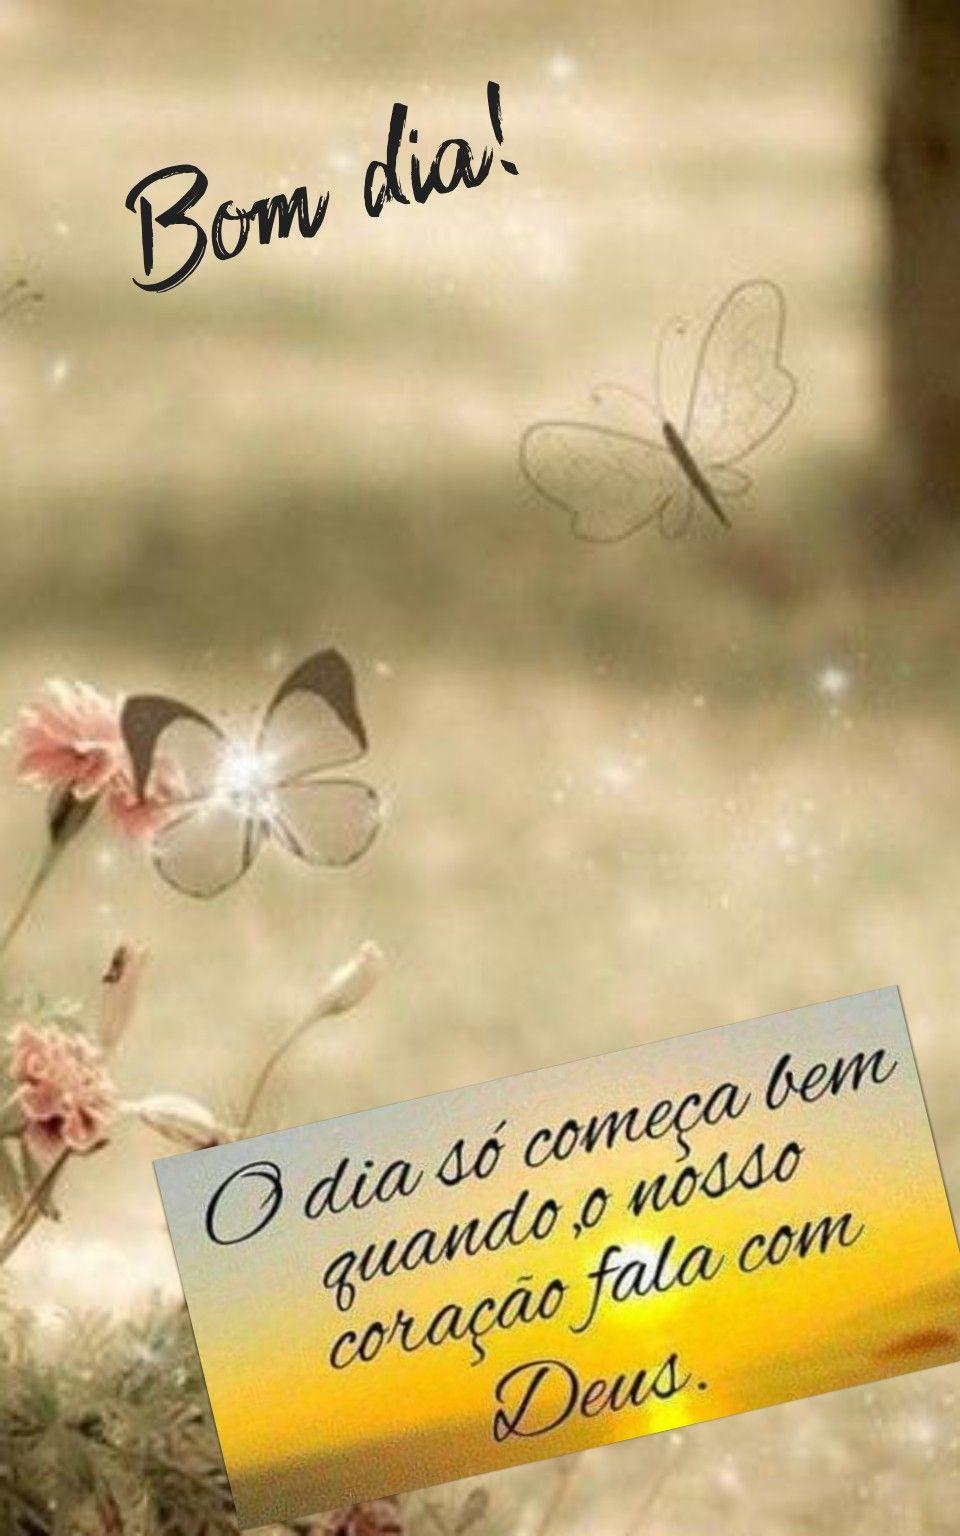 Pin De Vanuza Oliveira Em Boa Noite Bom Dia Boa Tarde Com Imagens